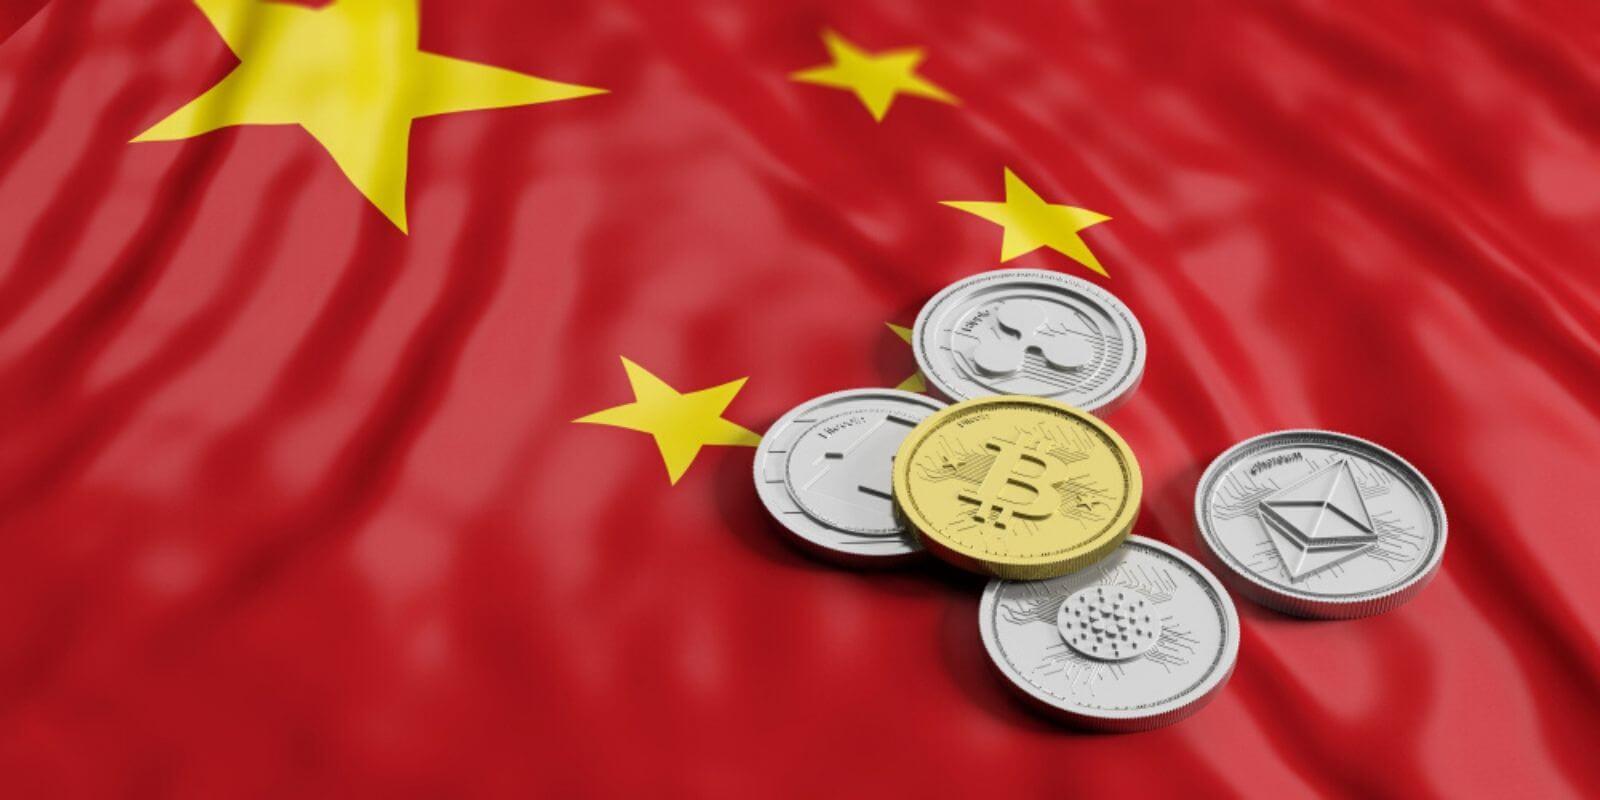 Chine: 89% des entreprises blockchain auraient essayé de publier leurs propres crypto-monnaies